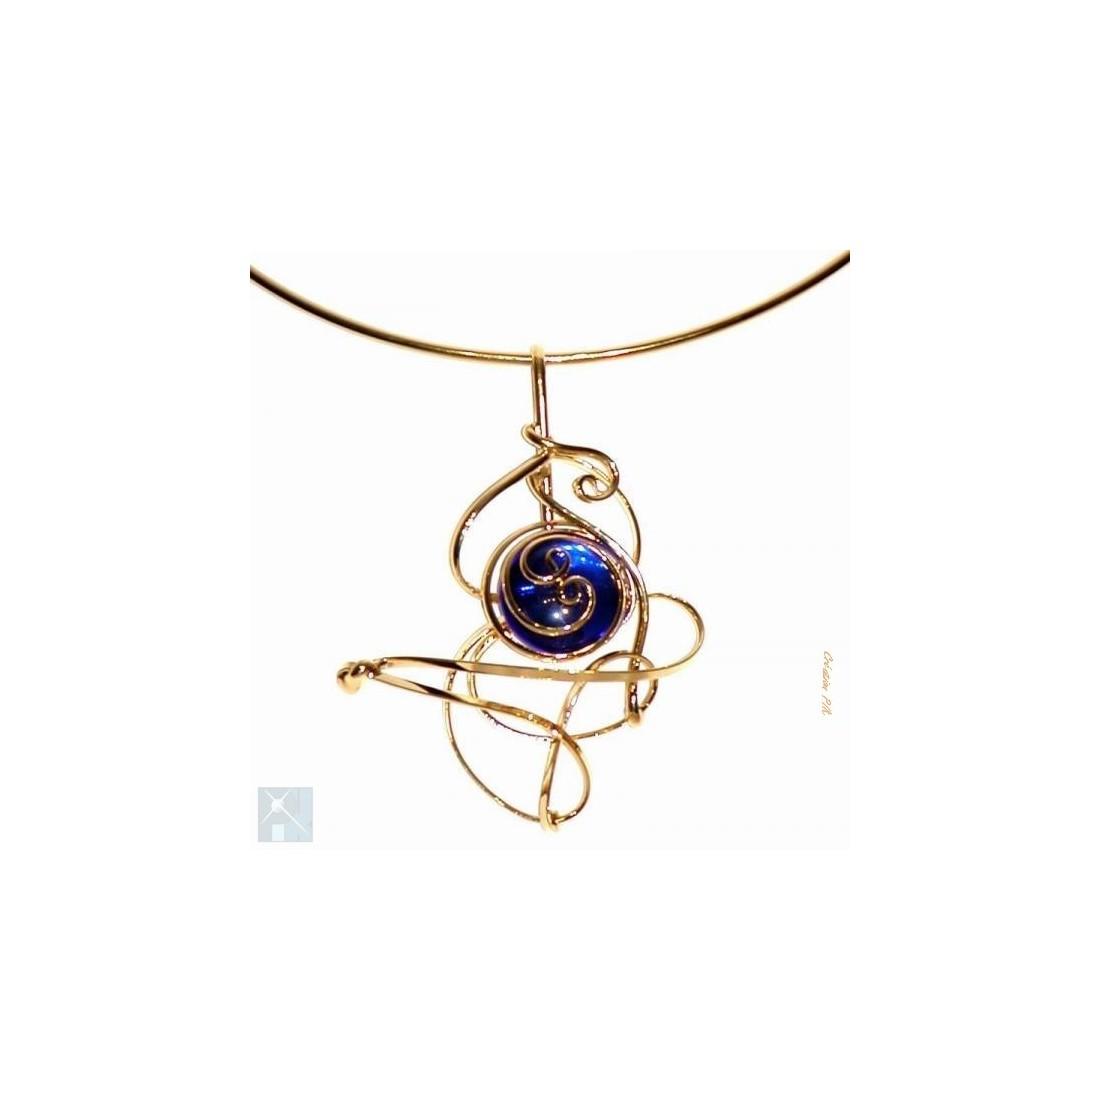 Collier doré de couleur bleu saphir